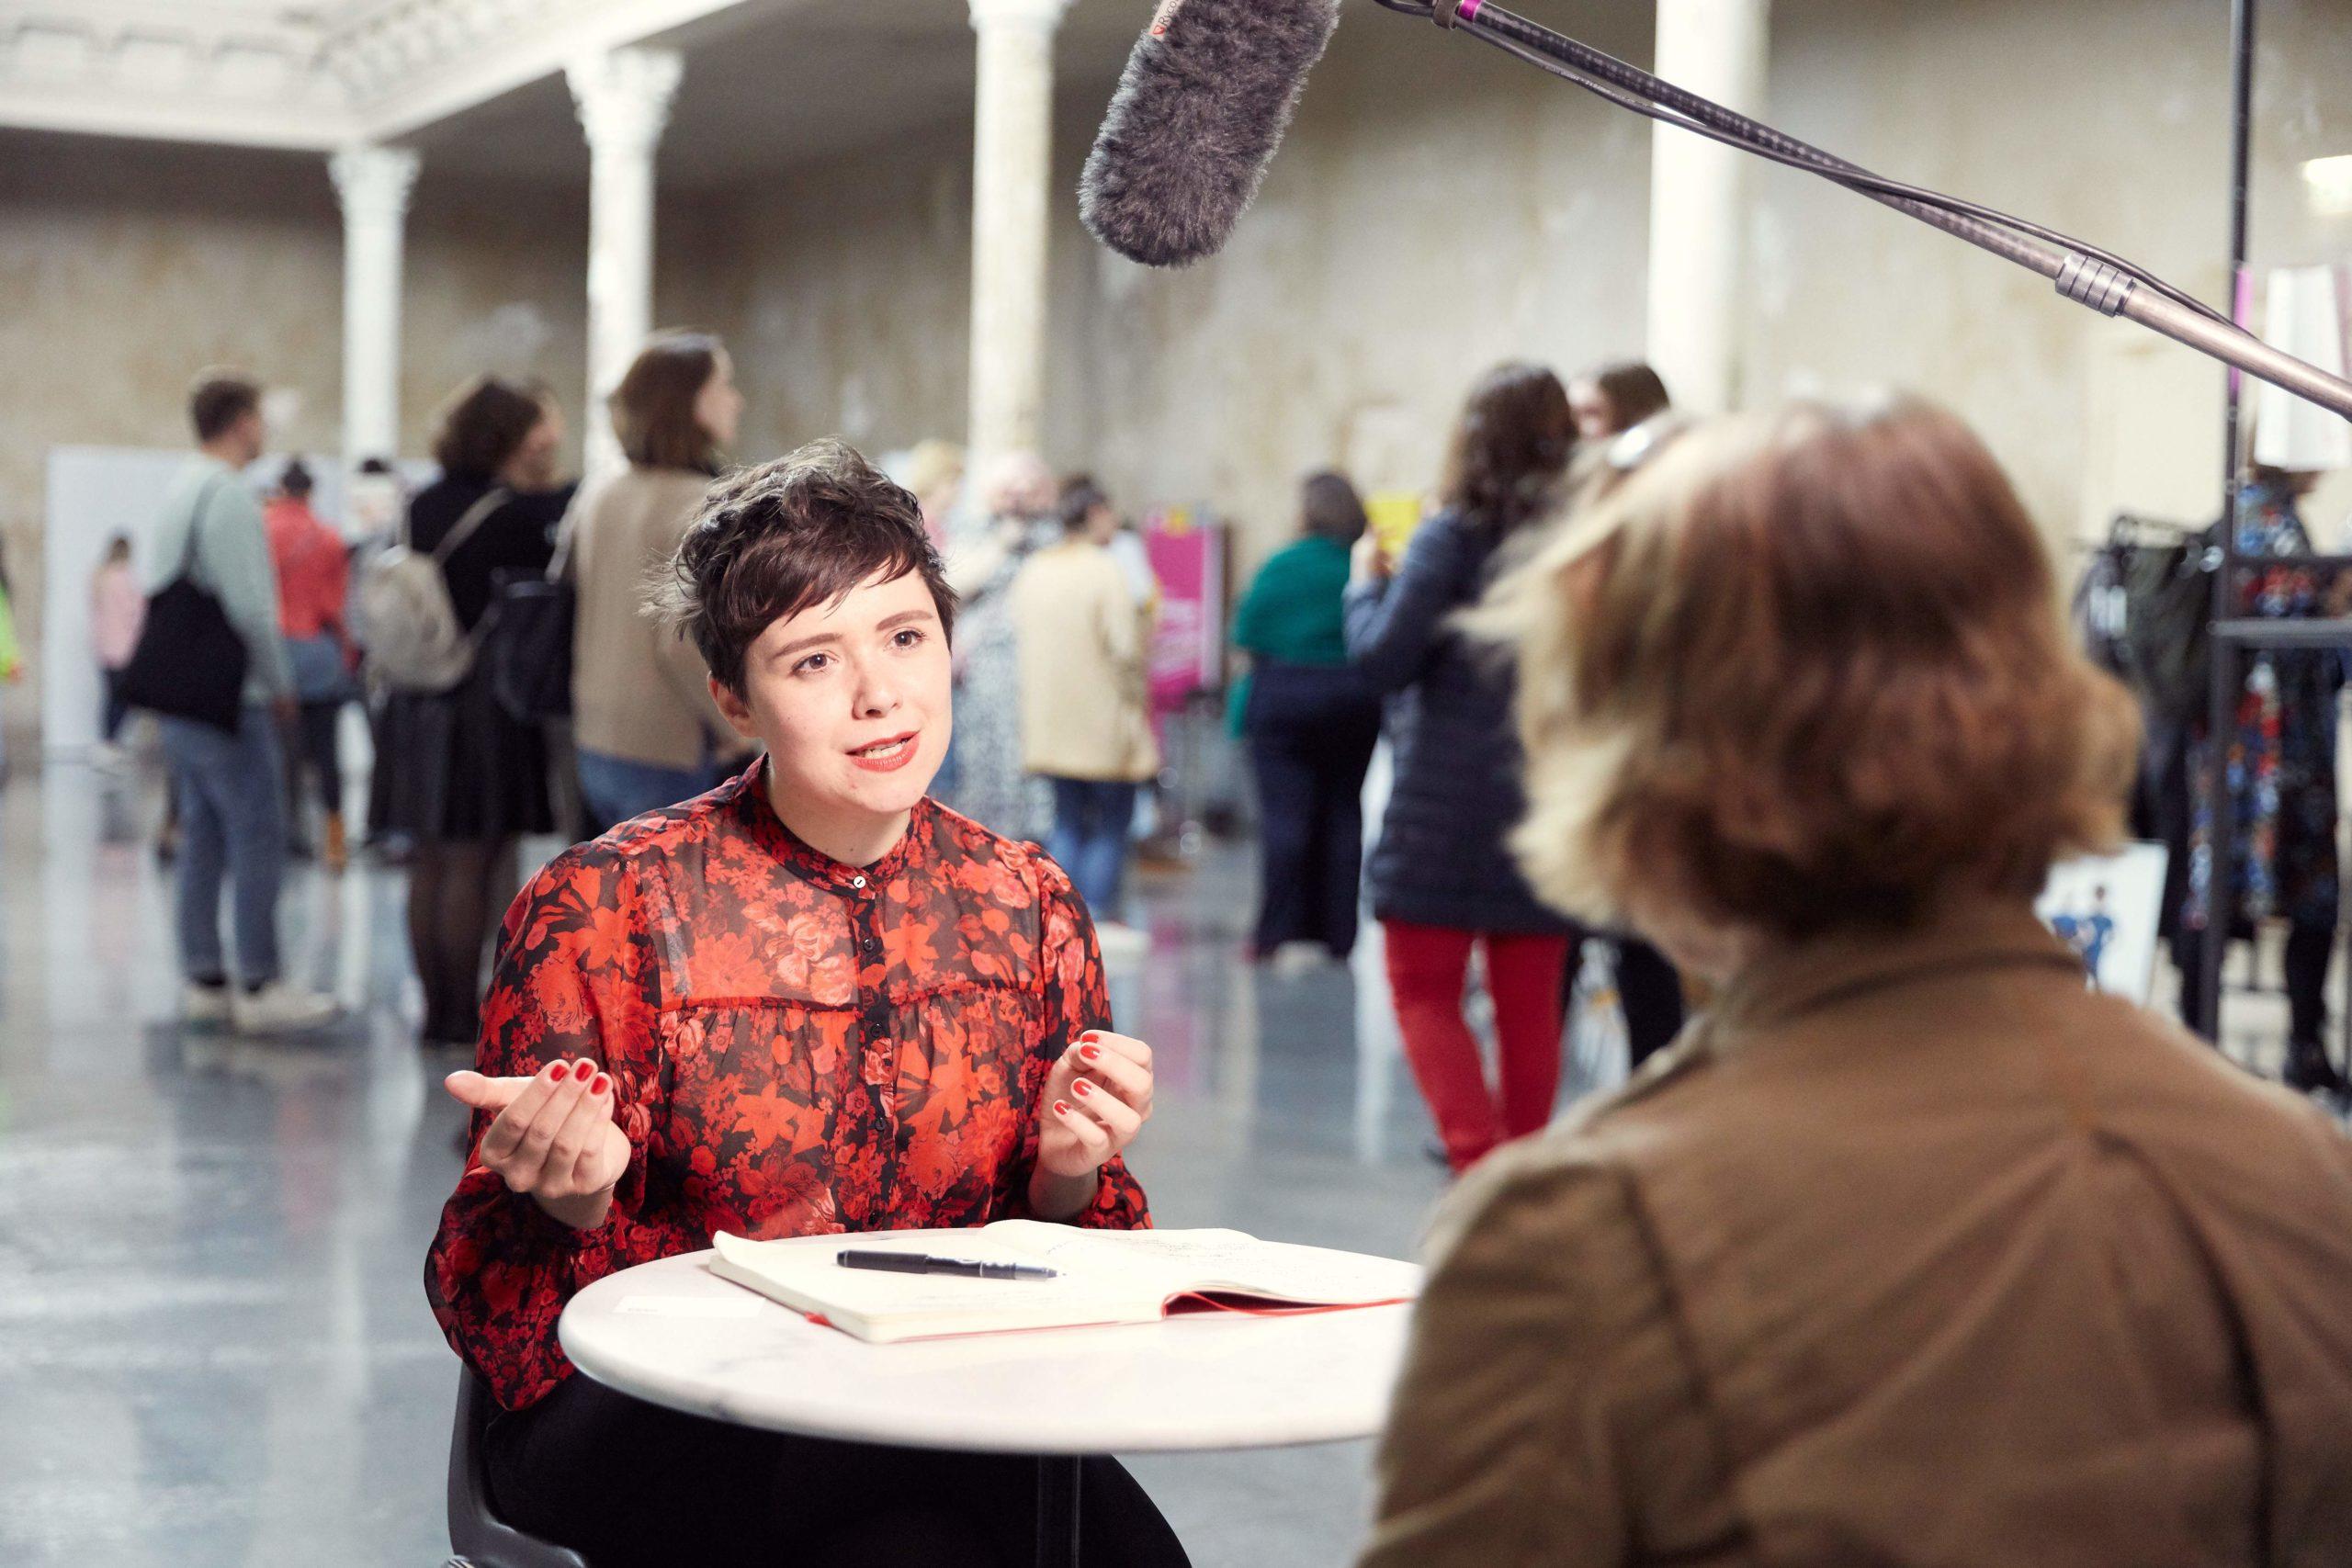 Auf diesem Bild sieht man eine junge Frau, die bei einem Tisch sitzt und ein Interview gibt.